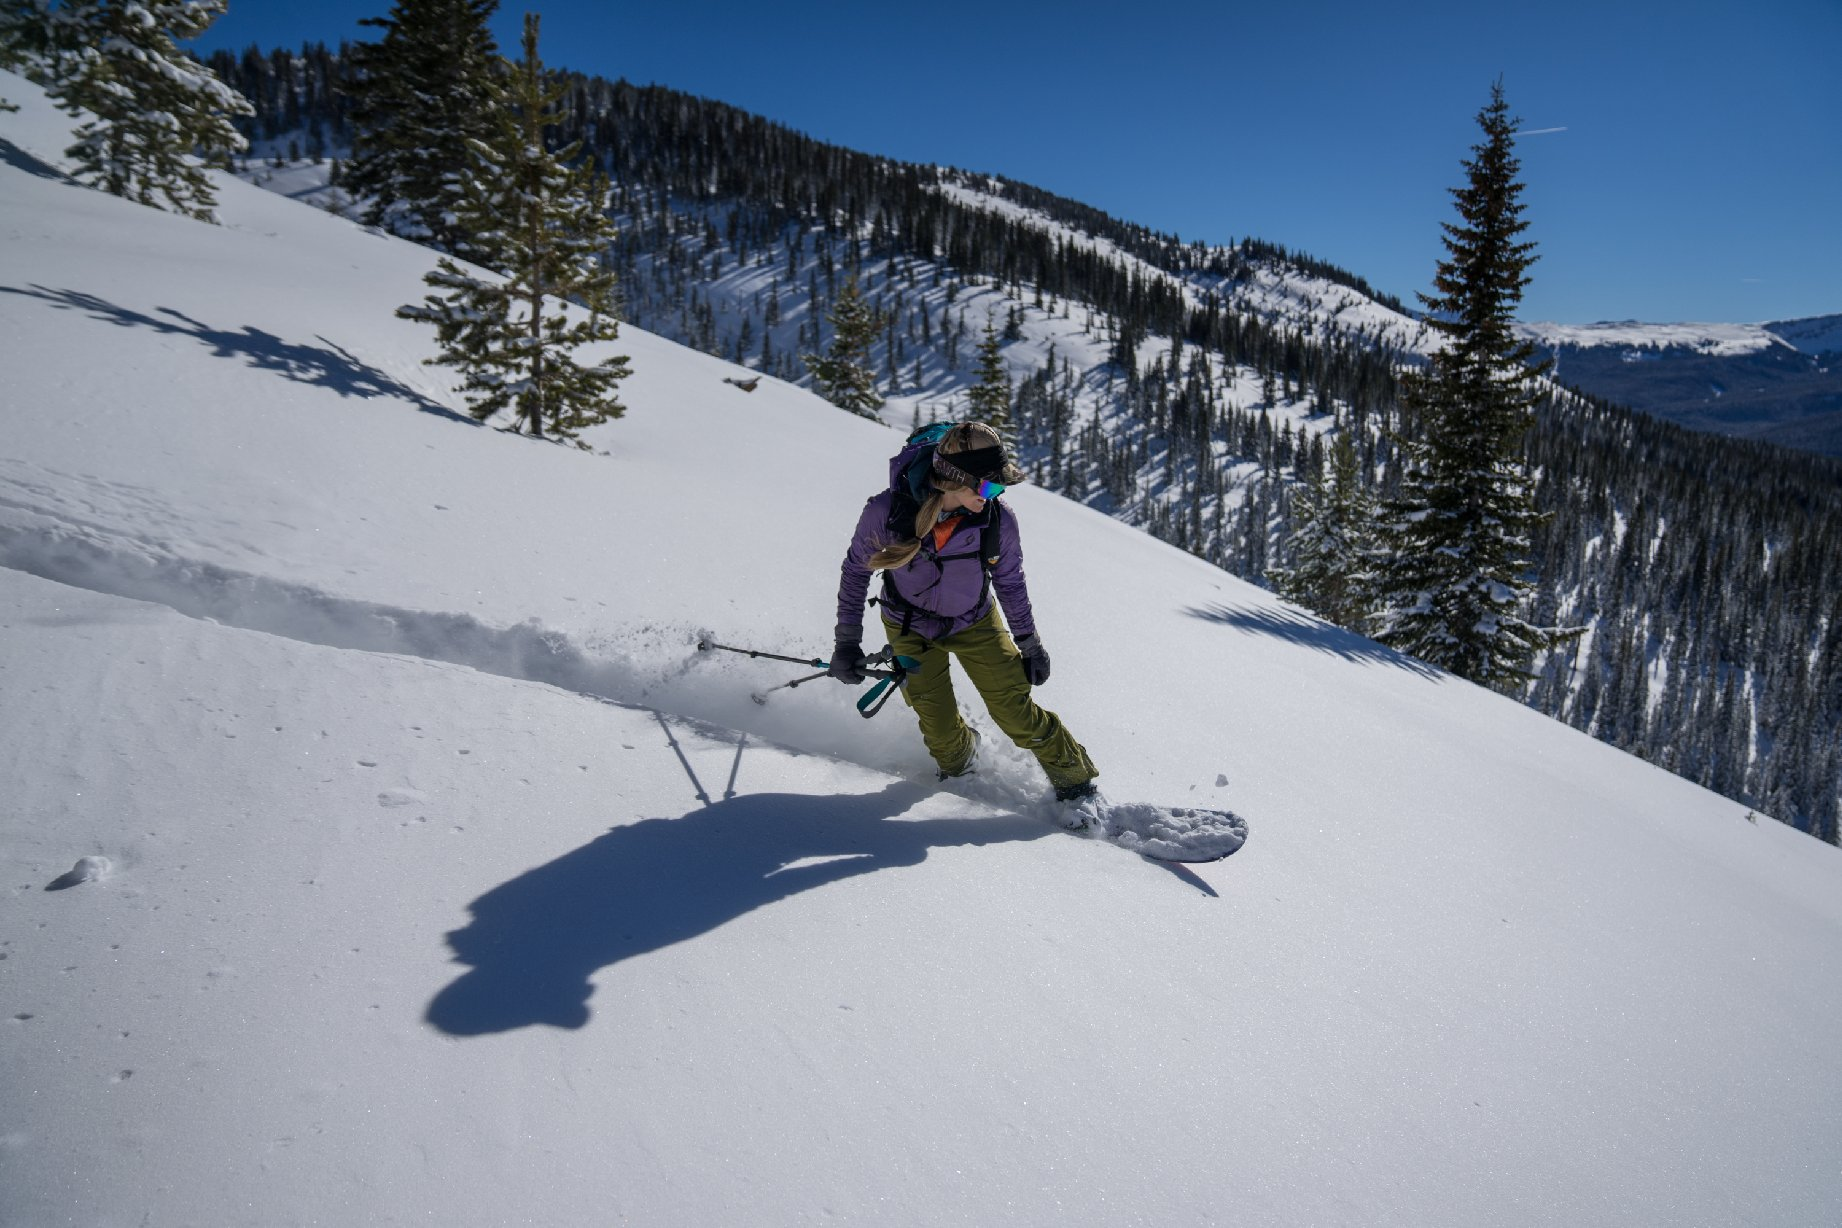 Sarah-MacGregor-snowboards-through-mellow-Colorado-backcountry.